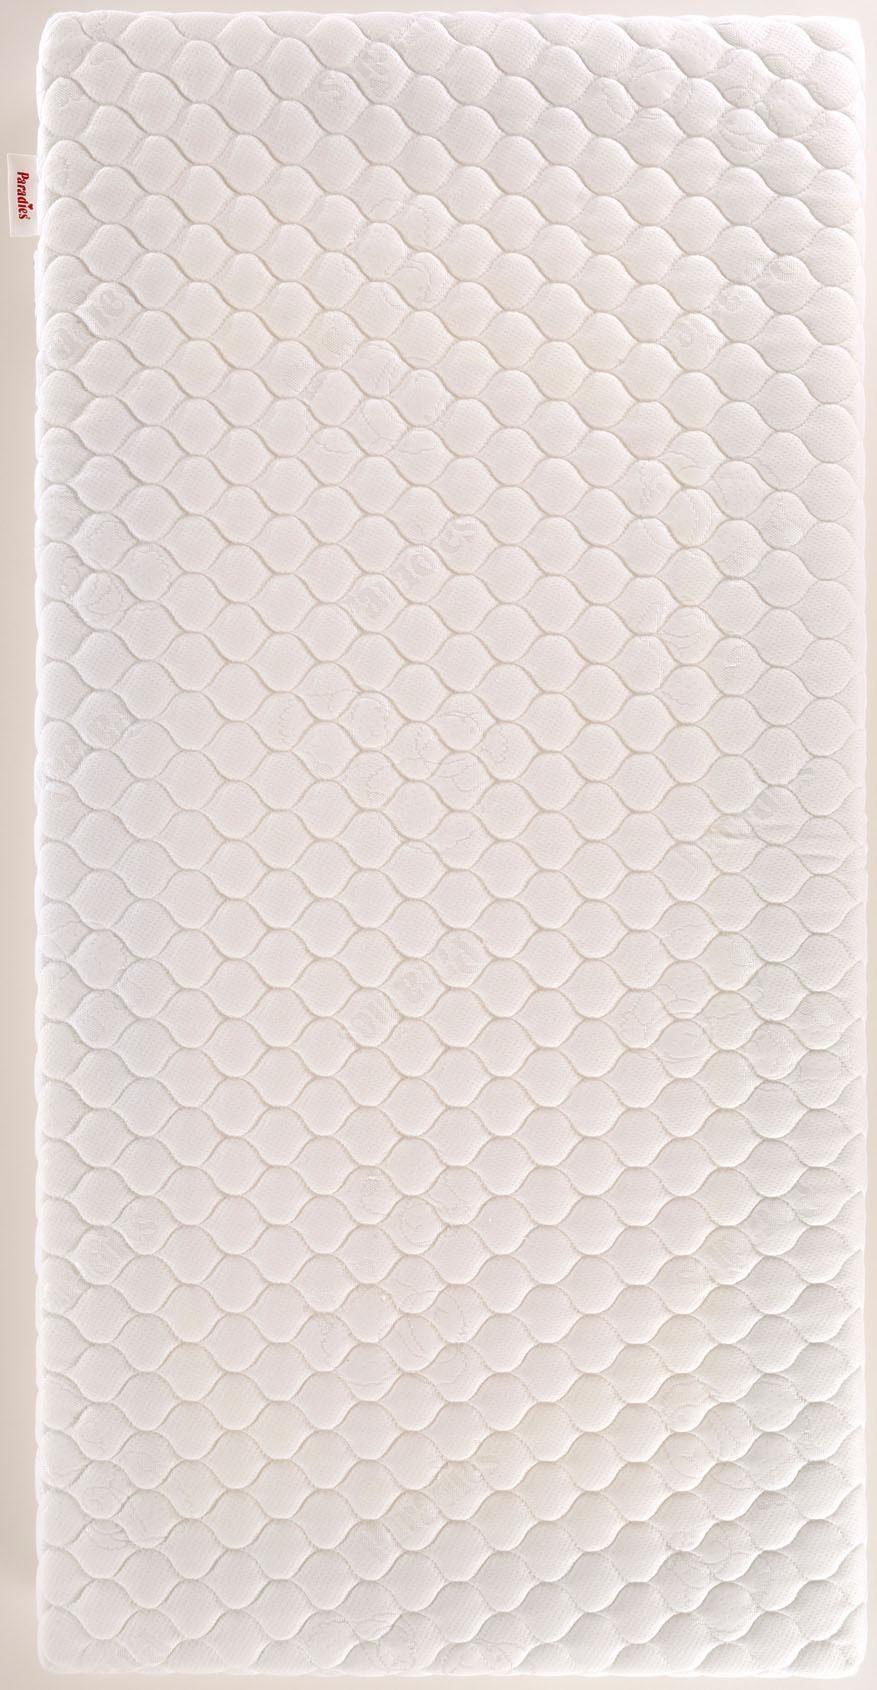 Kindermatratze »Mariella-Hygienica«, Paradies, 9 cm hoch, Raumgewicht: 19, (1-tlg)